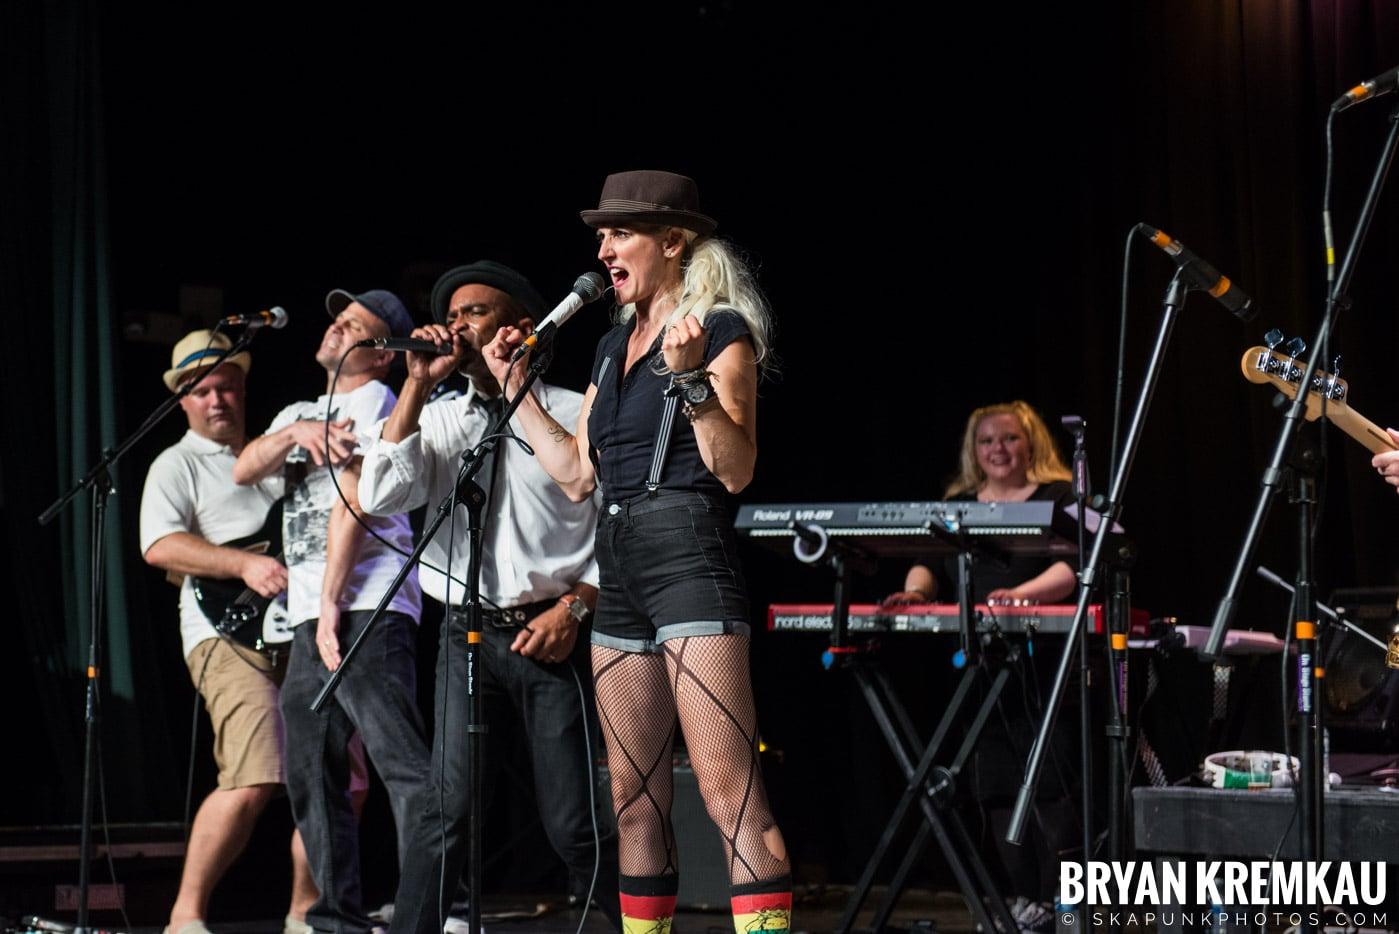 Rude Boy George @ Oskar Schindler Performing Arts Center, West Orange, NJ - 8.19.17 (2)